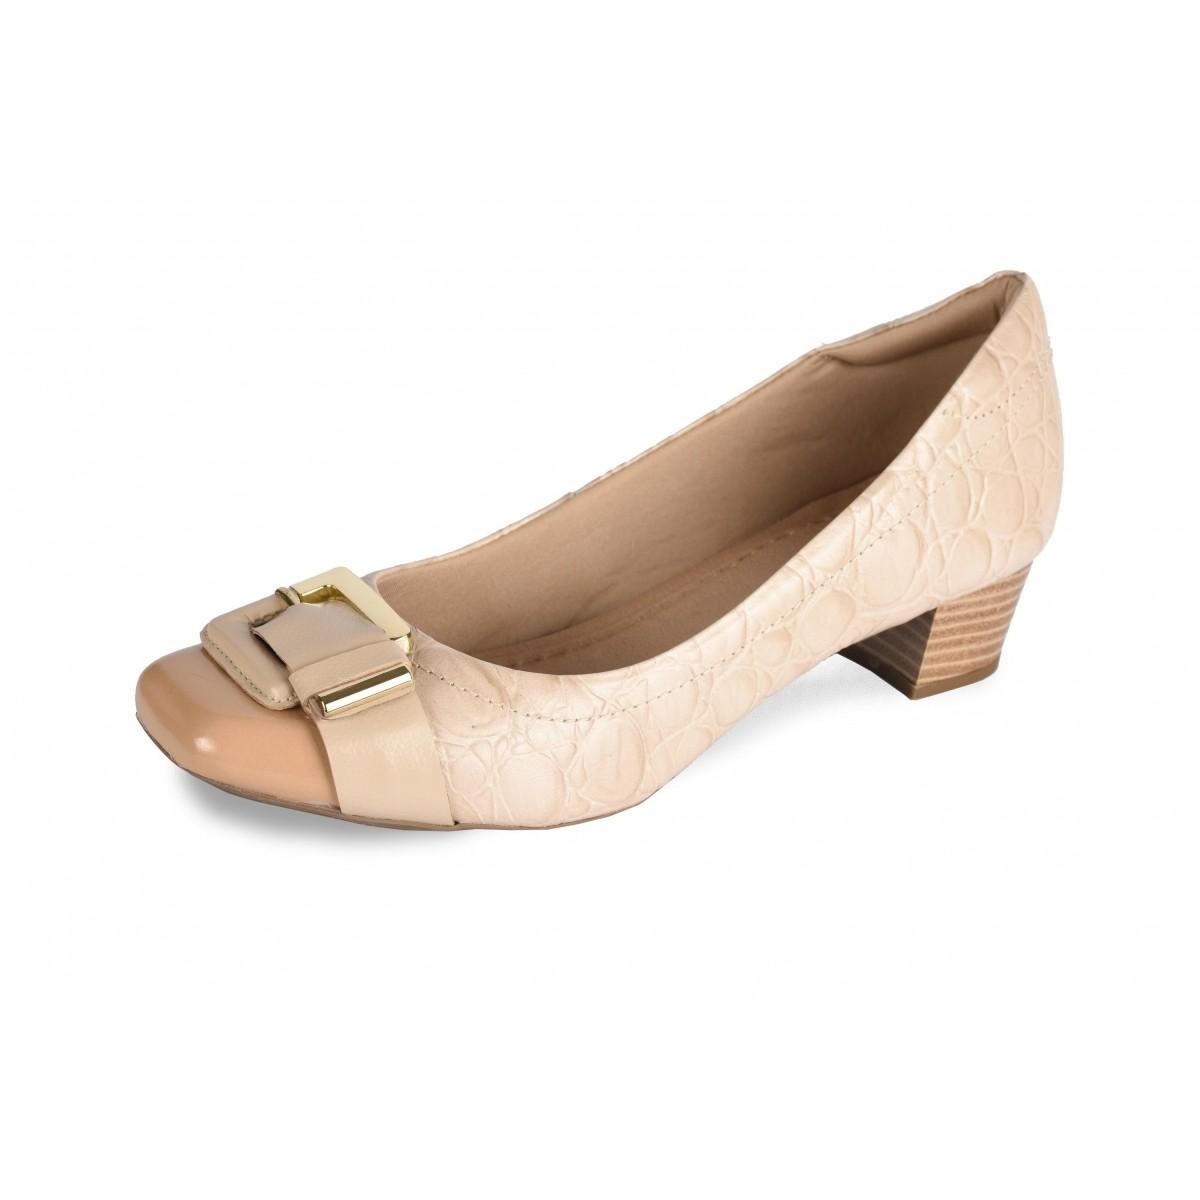 Sapato Neftali Comfort, marrocos e areia com fivela dourada